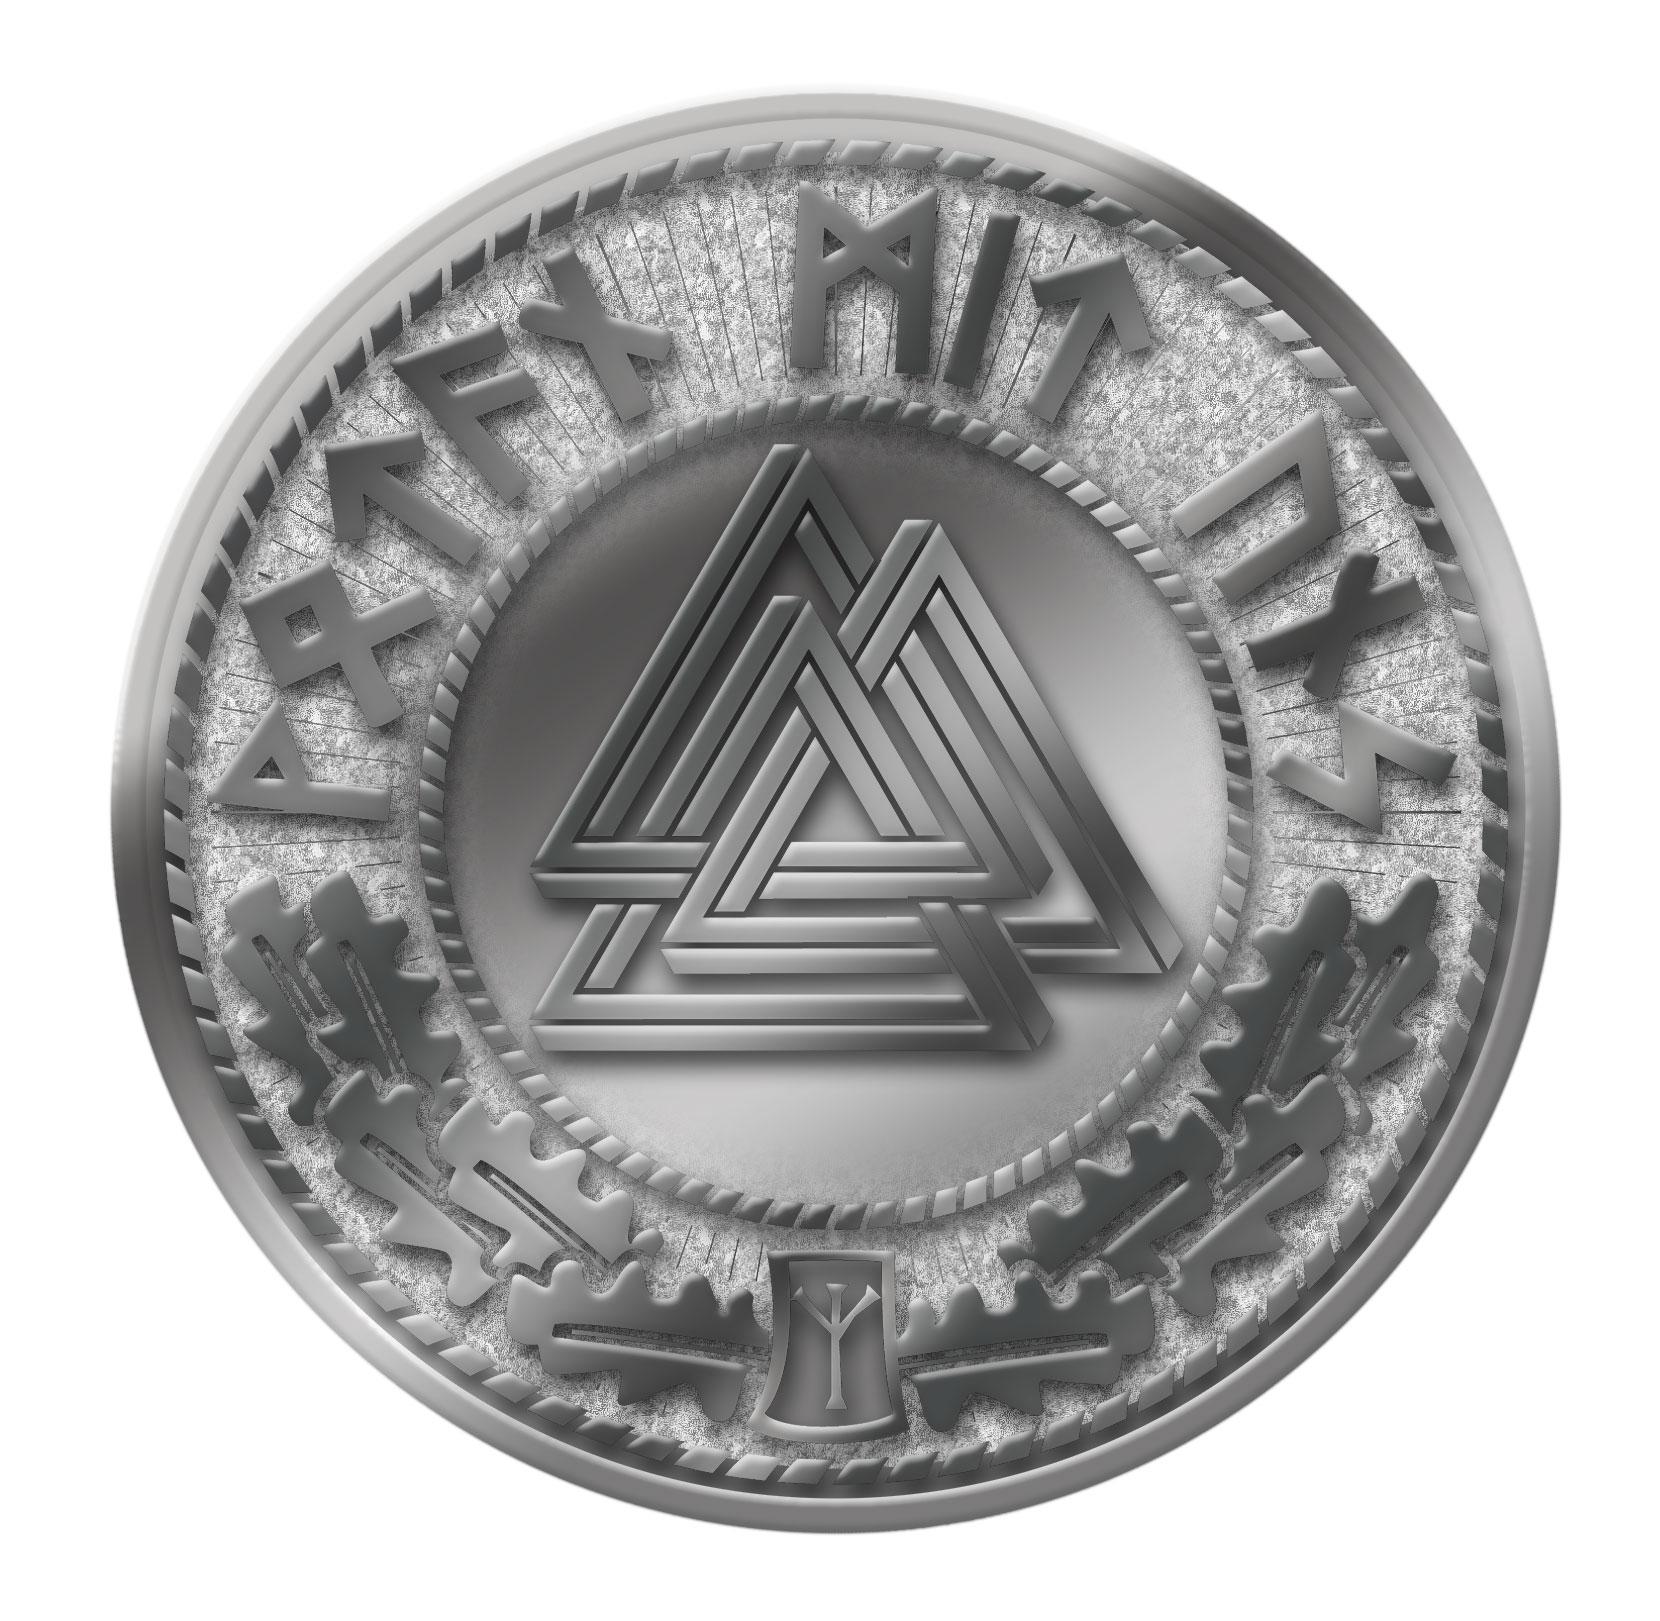 WMU-coin